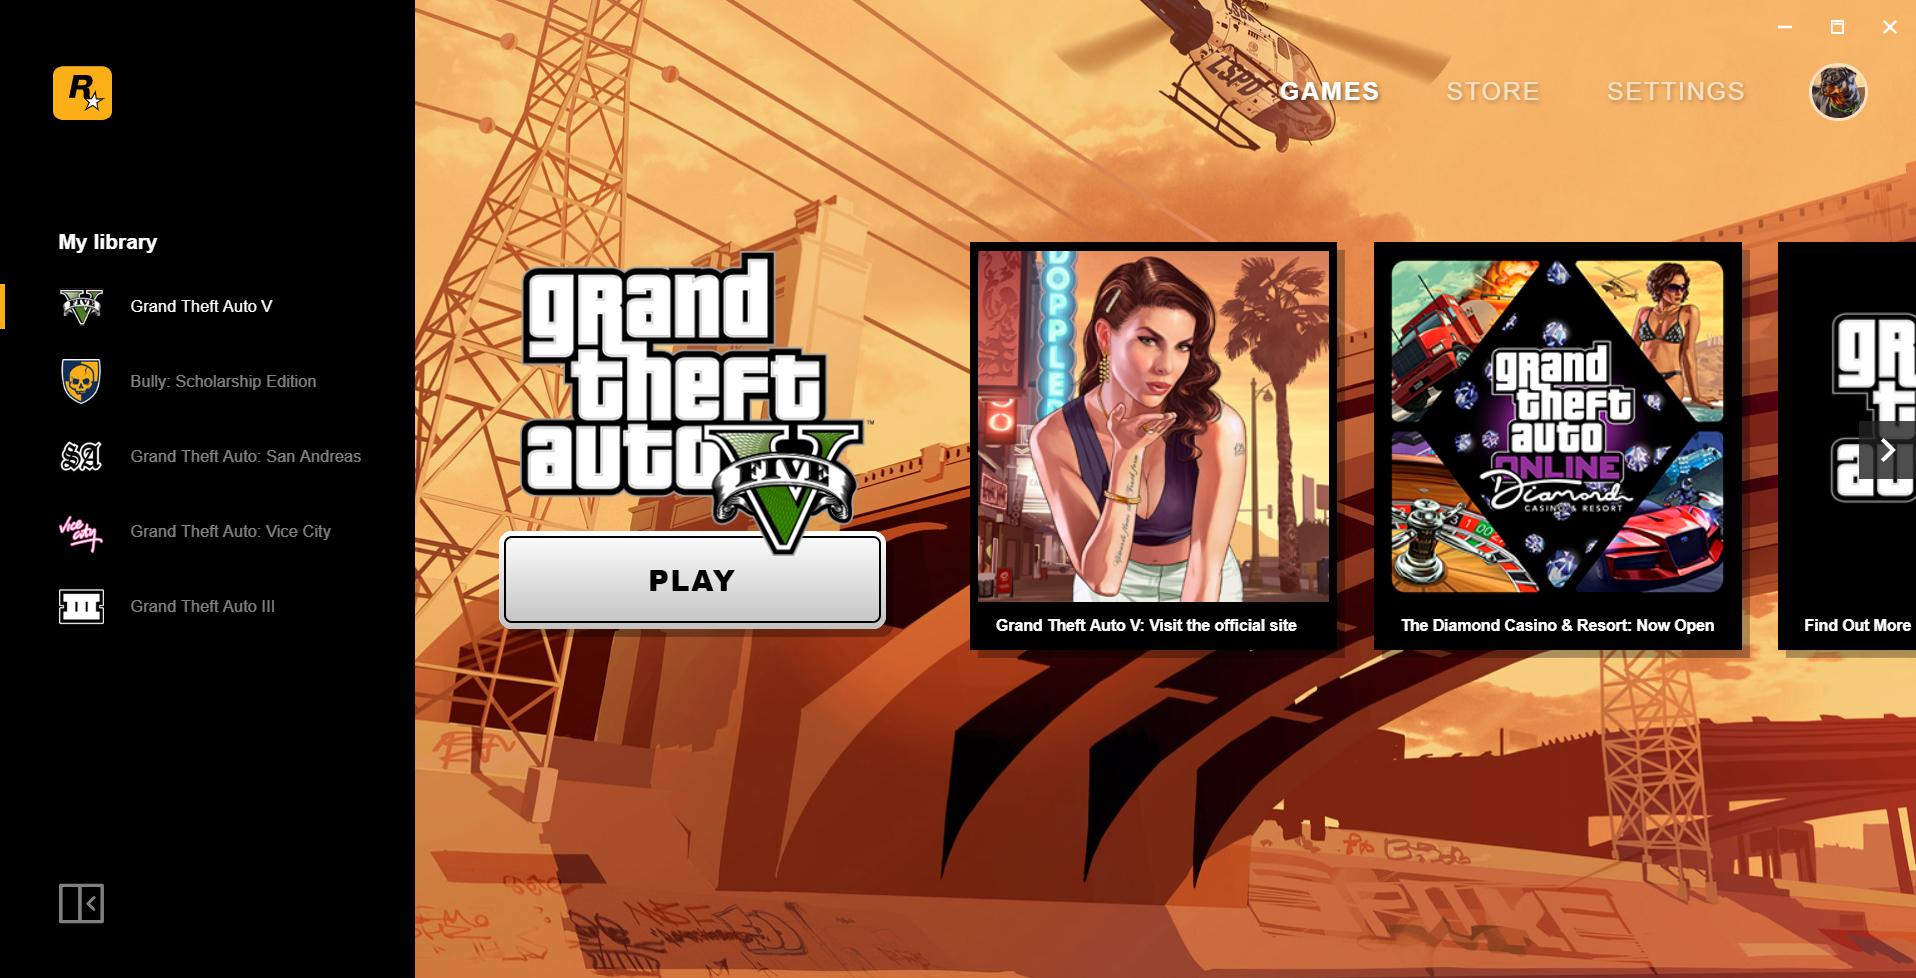 rockstar games launcher.jpg